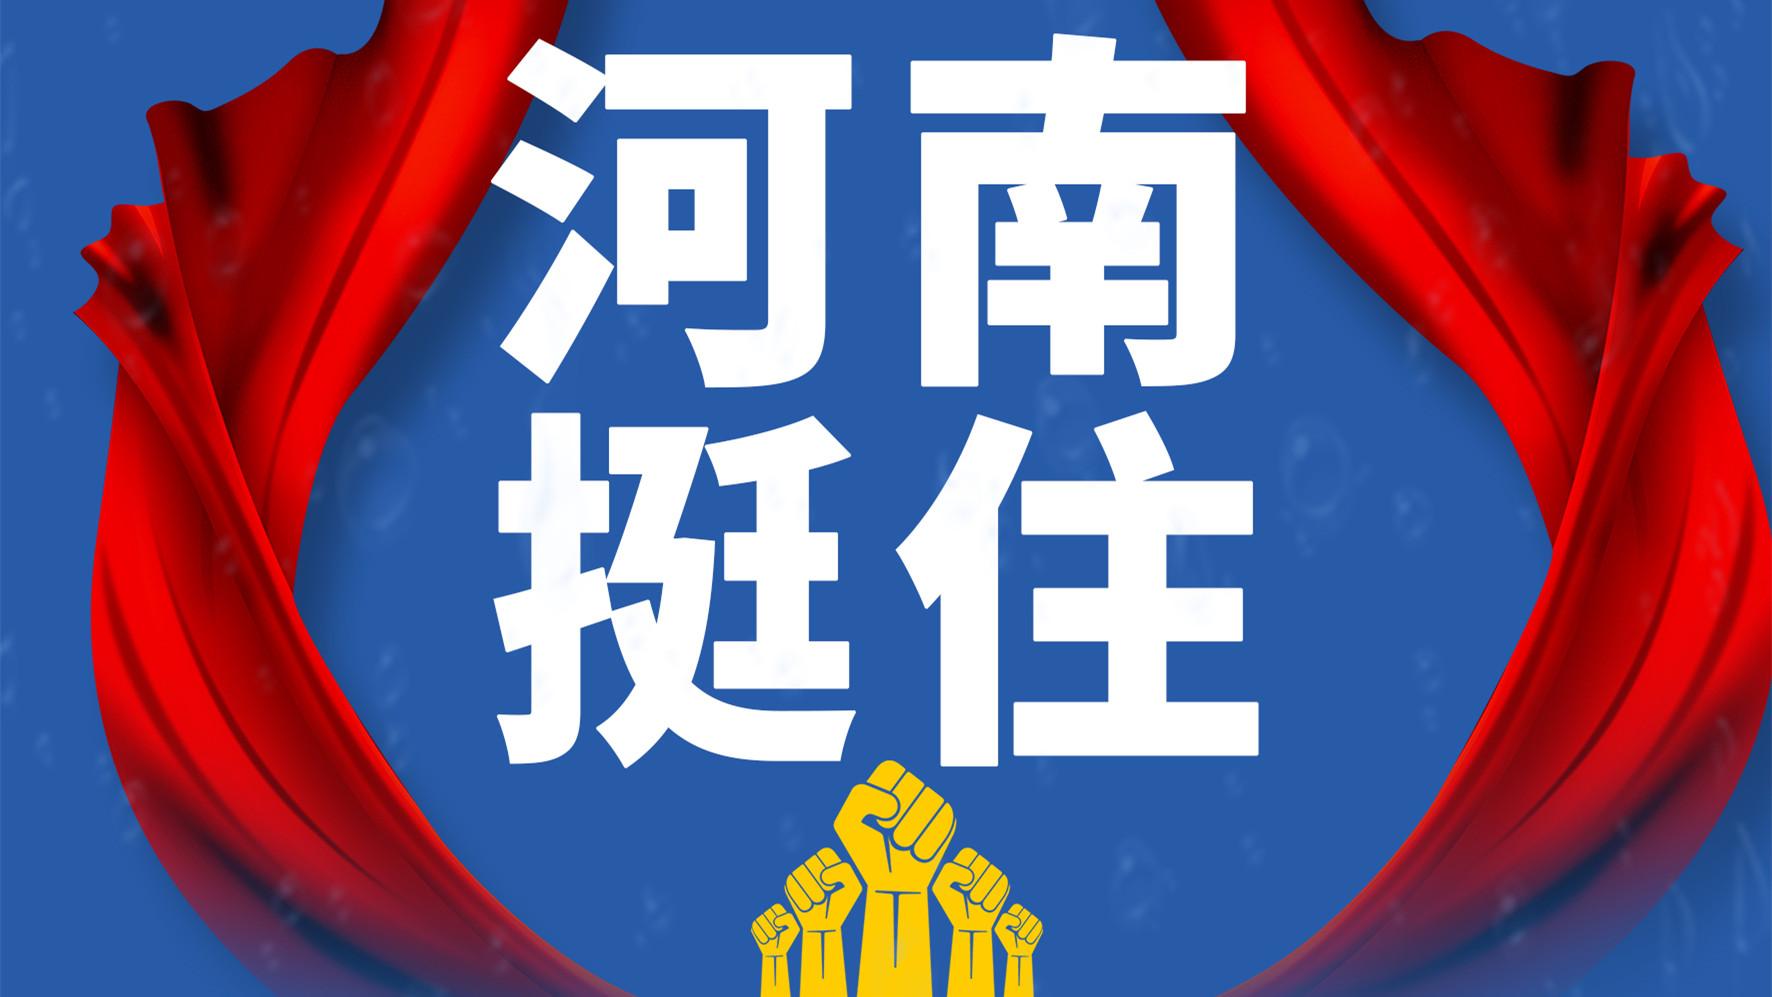 河南挺住-杭州智赢科技有限公司捐款10万元驰援河南